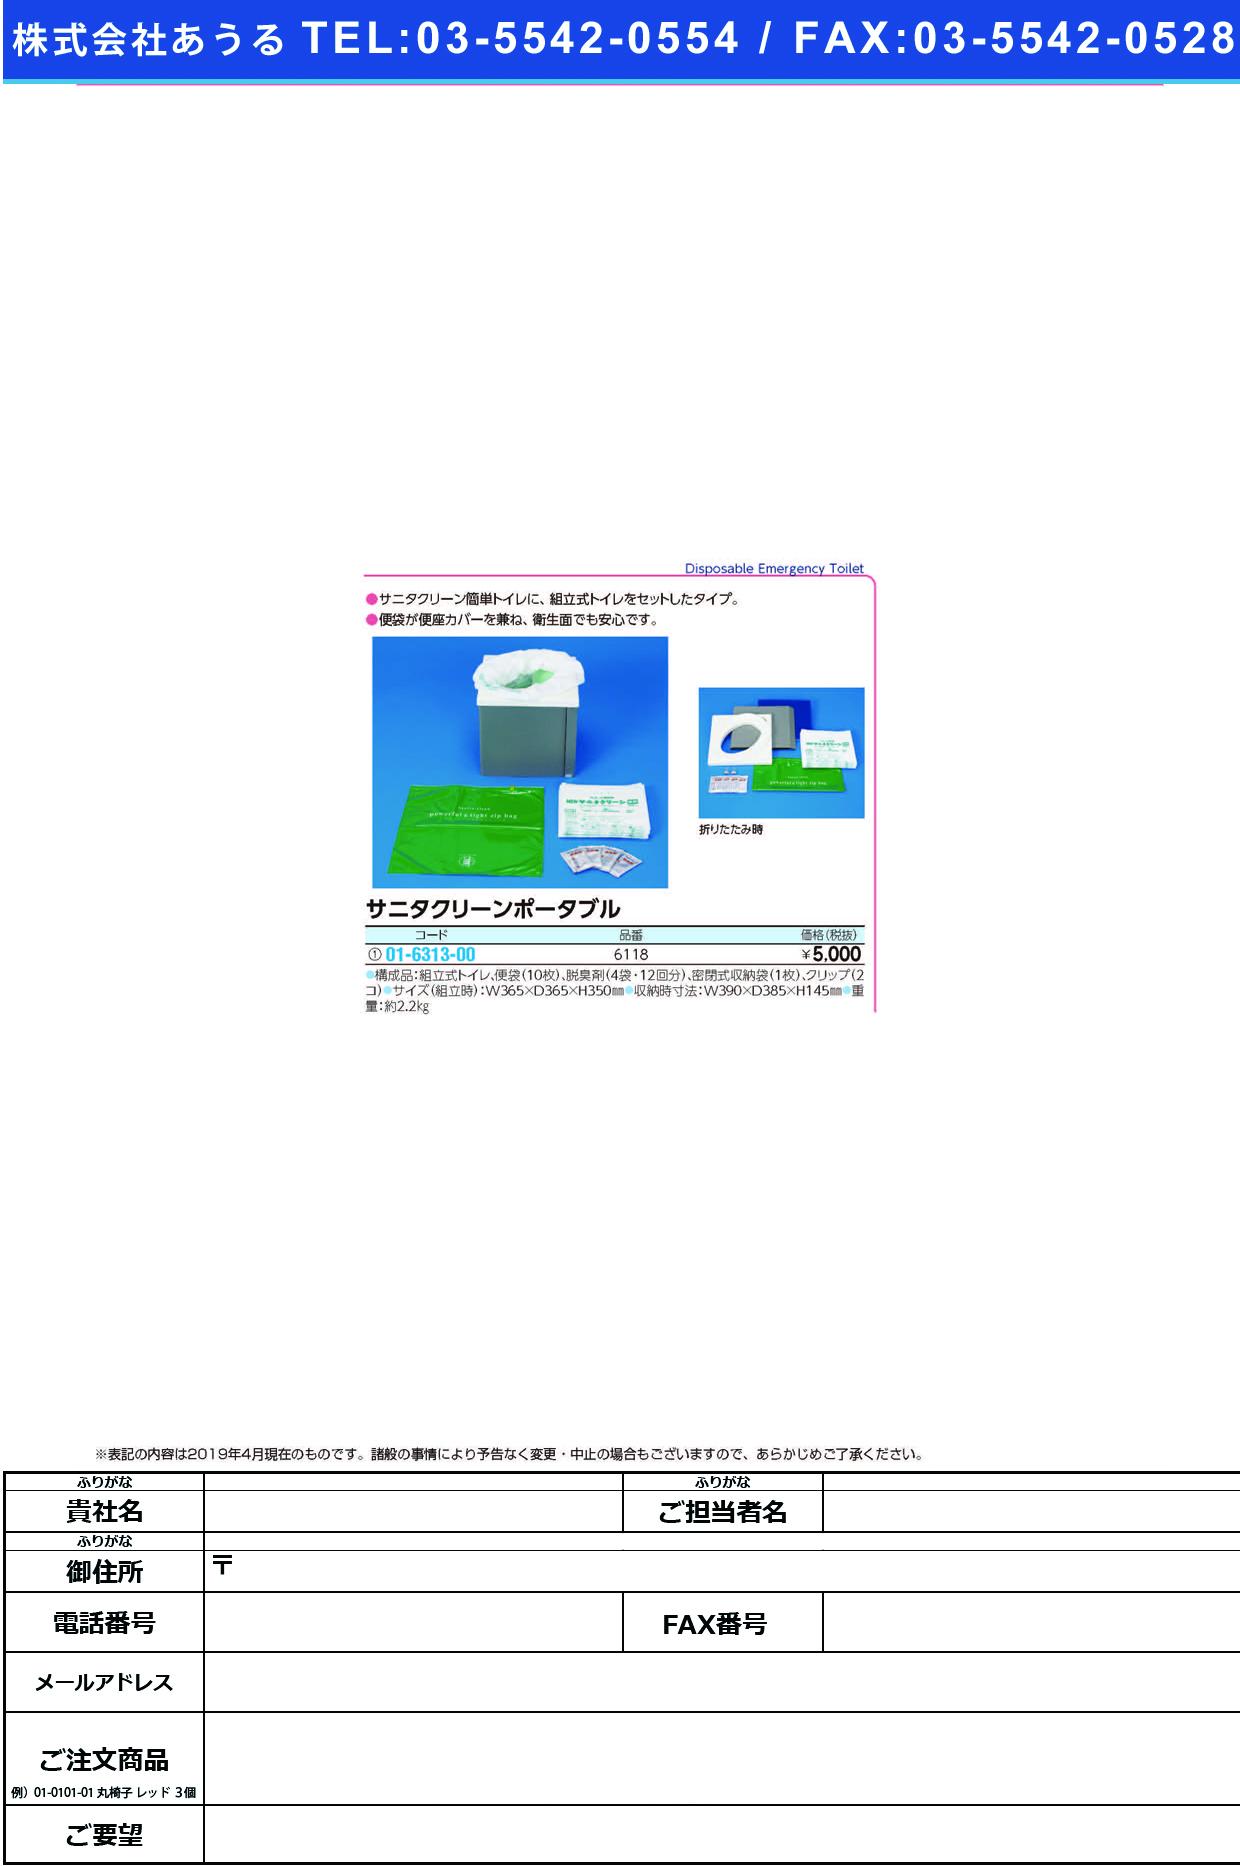 (01-6313-00)サニタクリーンポータブル(セット) 6118 サニタクリーンポータブルセット【1個単位】【2019年カタログ商品】